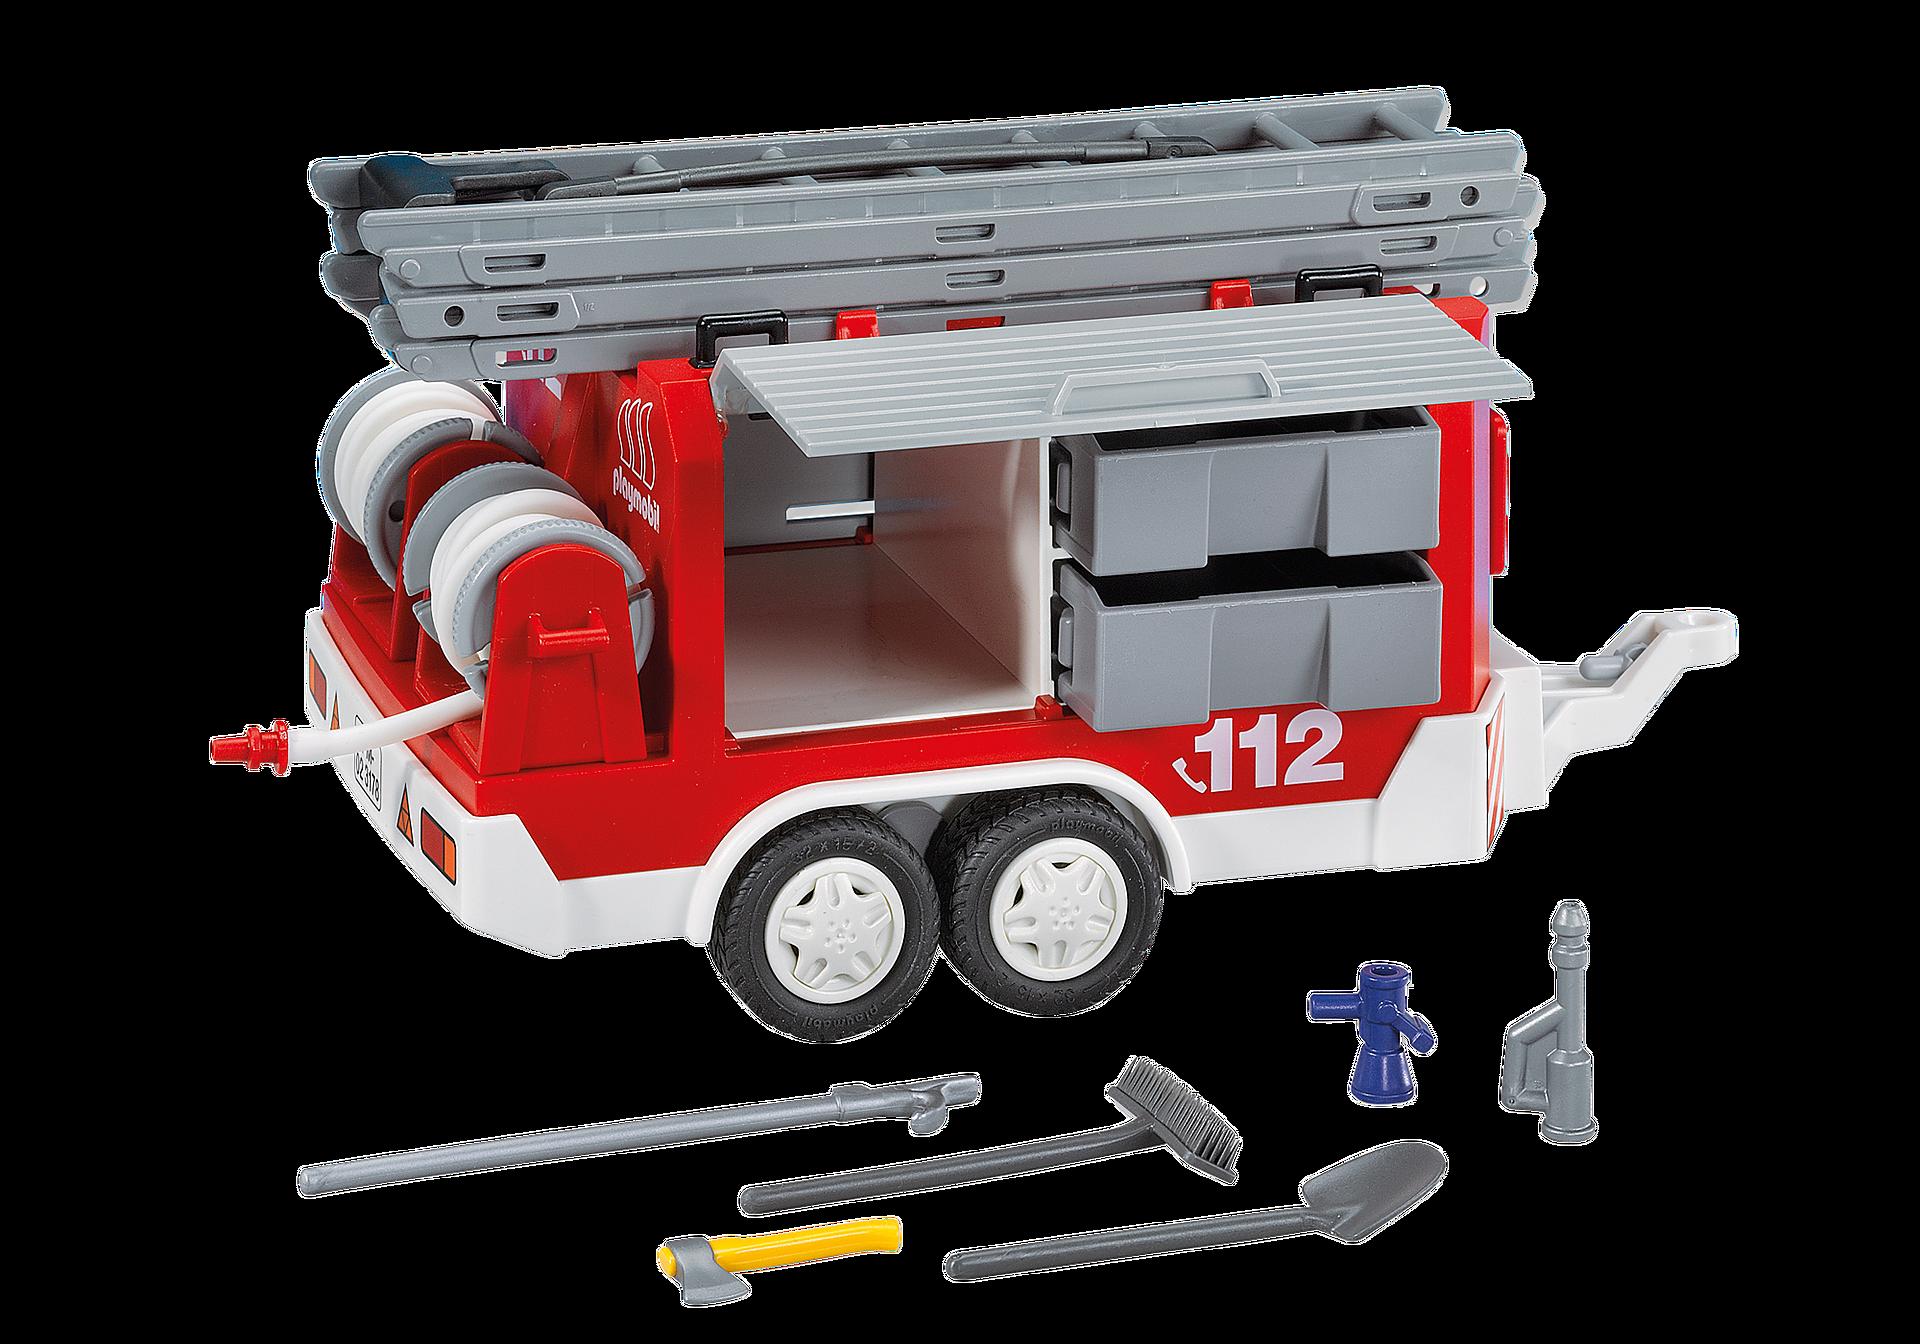 7485 Påhængsvogn til brandbil zoom image1